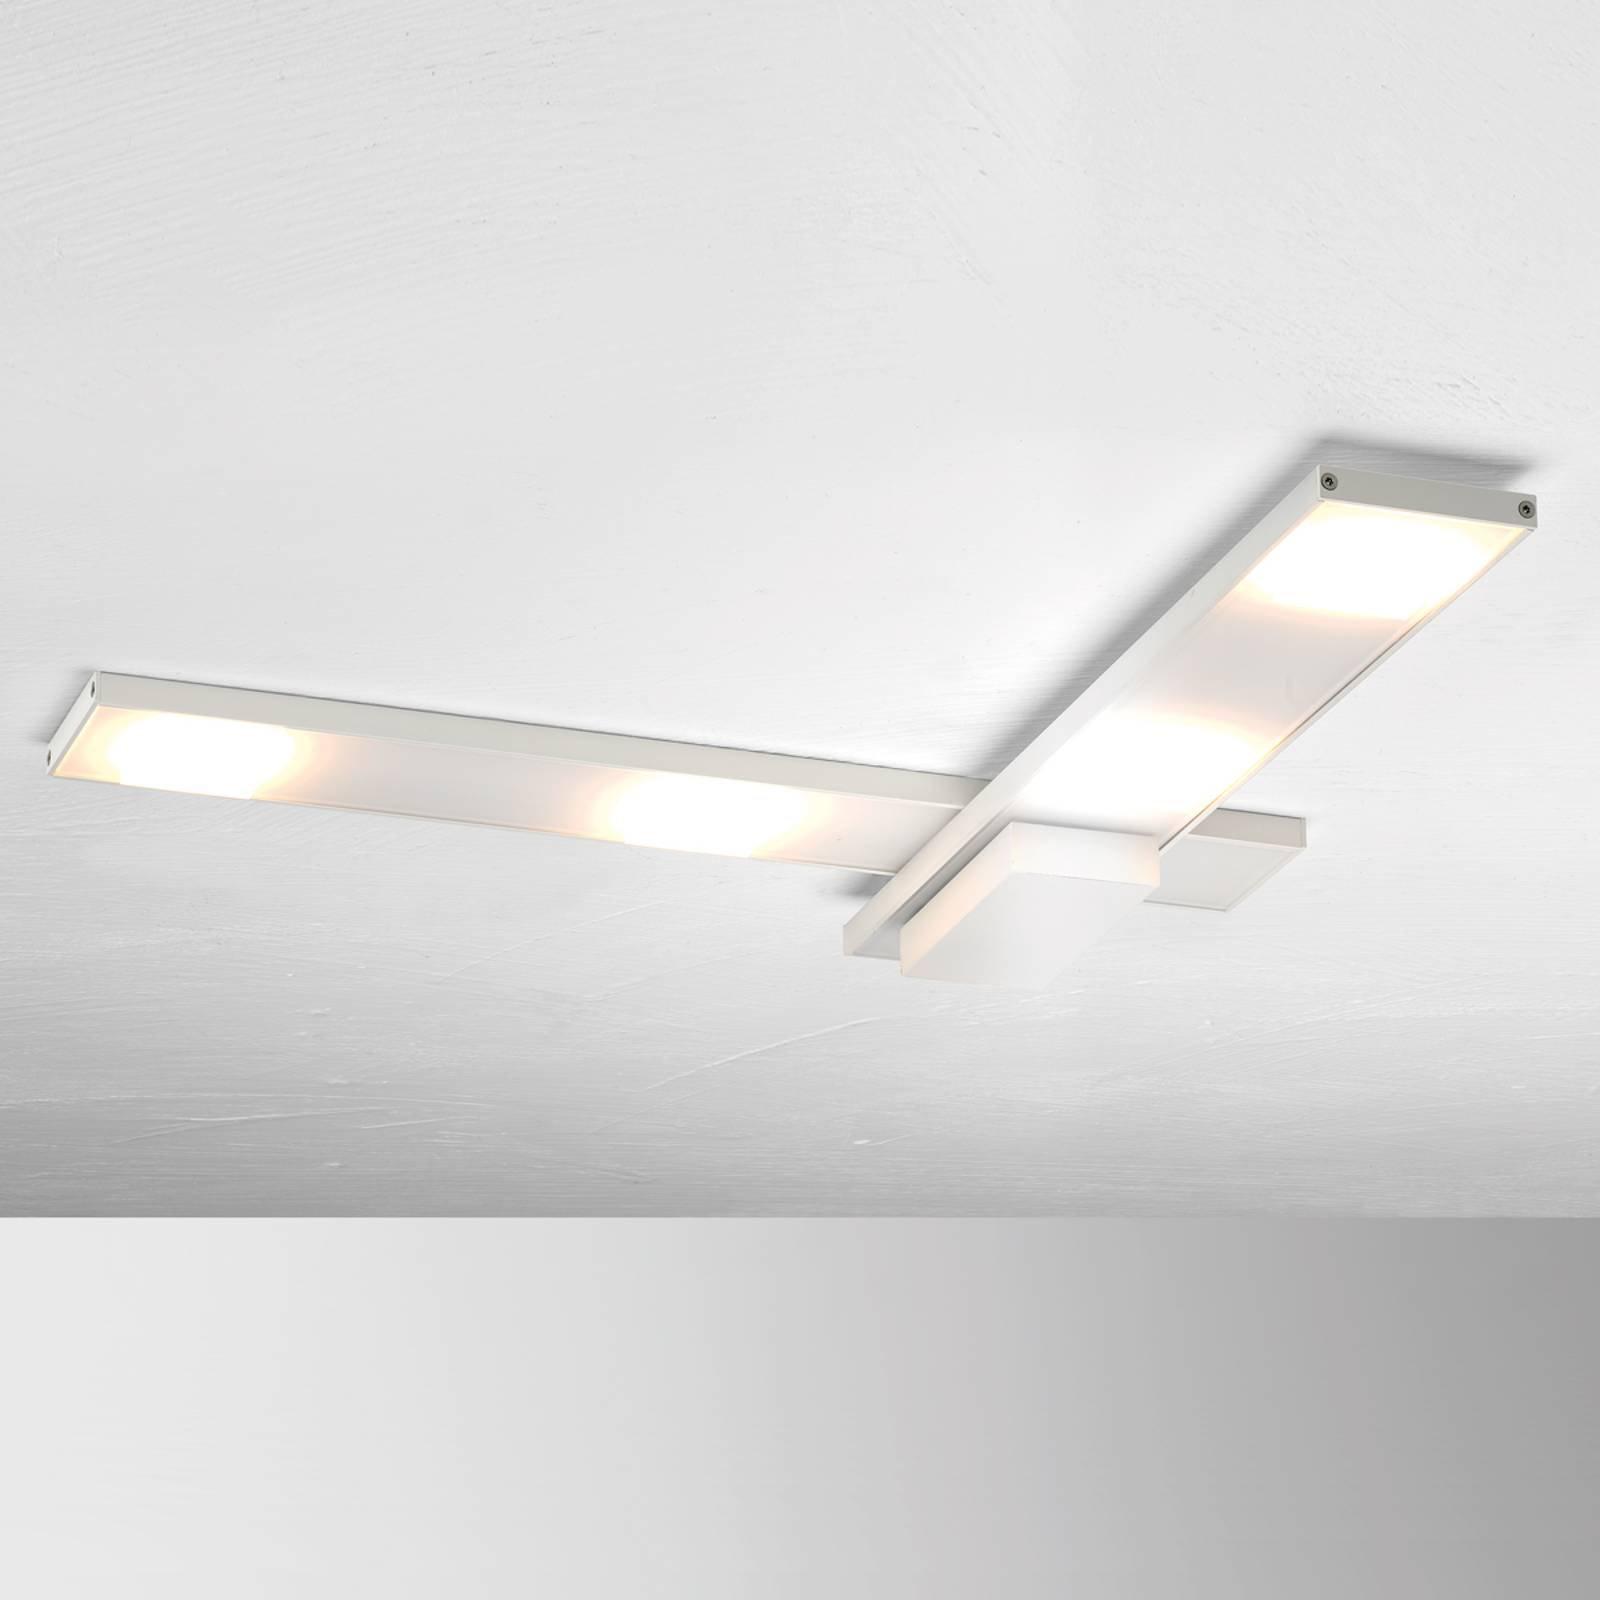 Raffinert LED-taklampe Slight, hvit